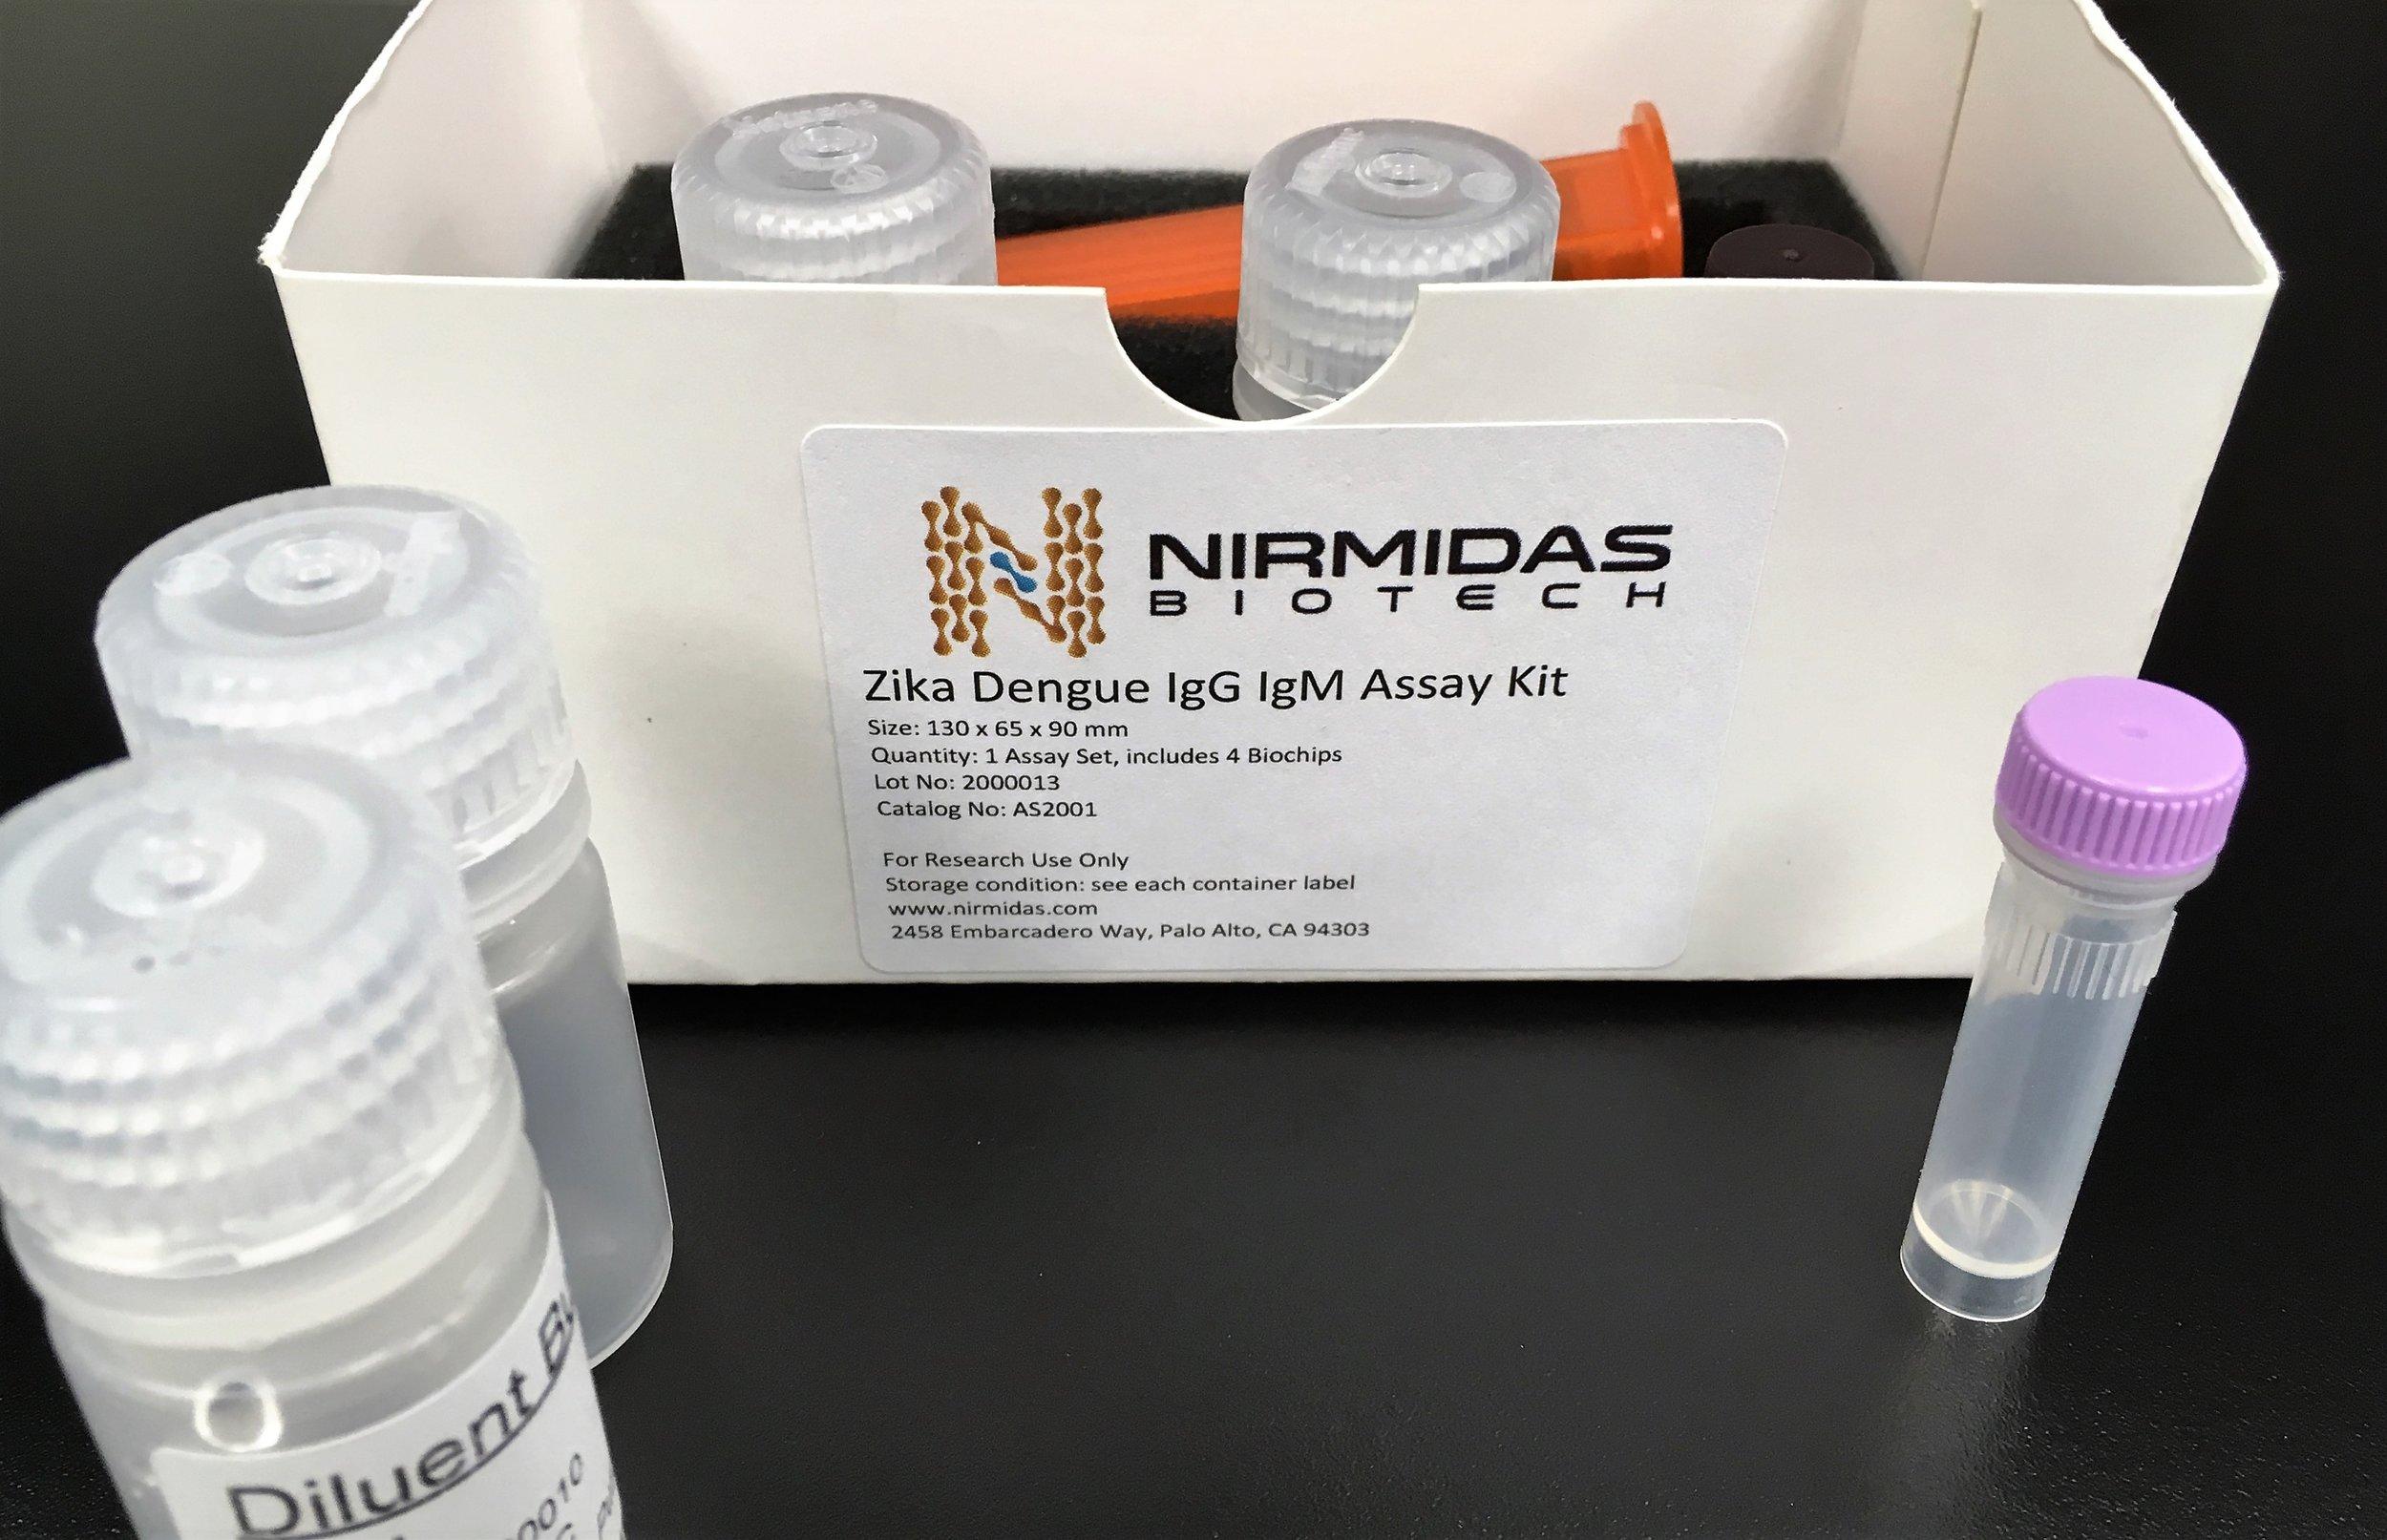 Zika/Dengue Assay Kit Example